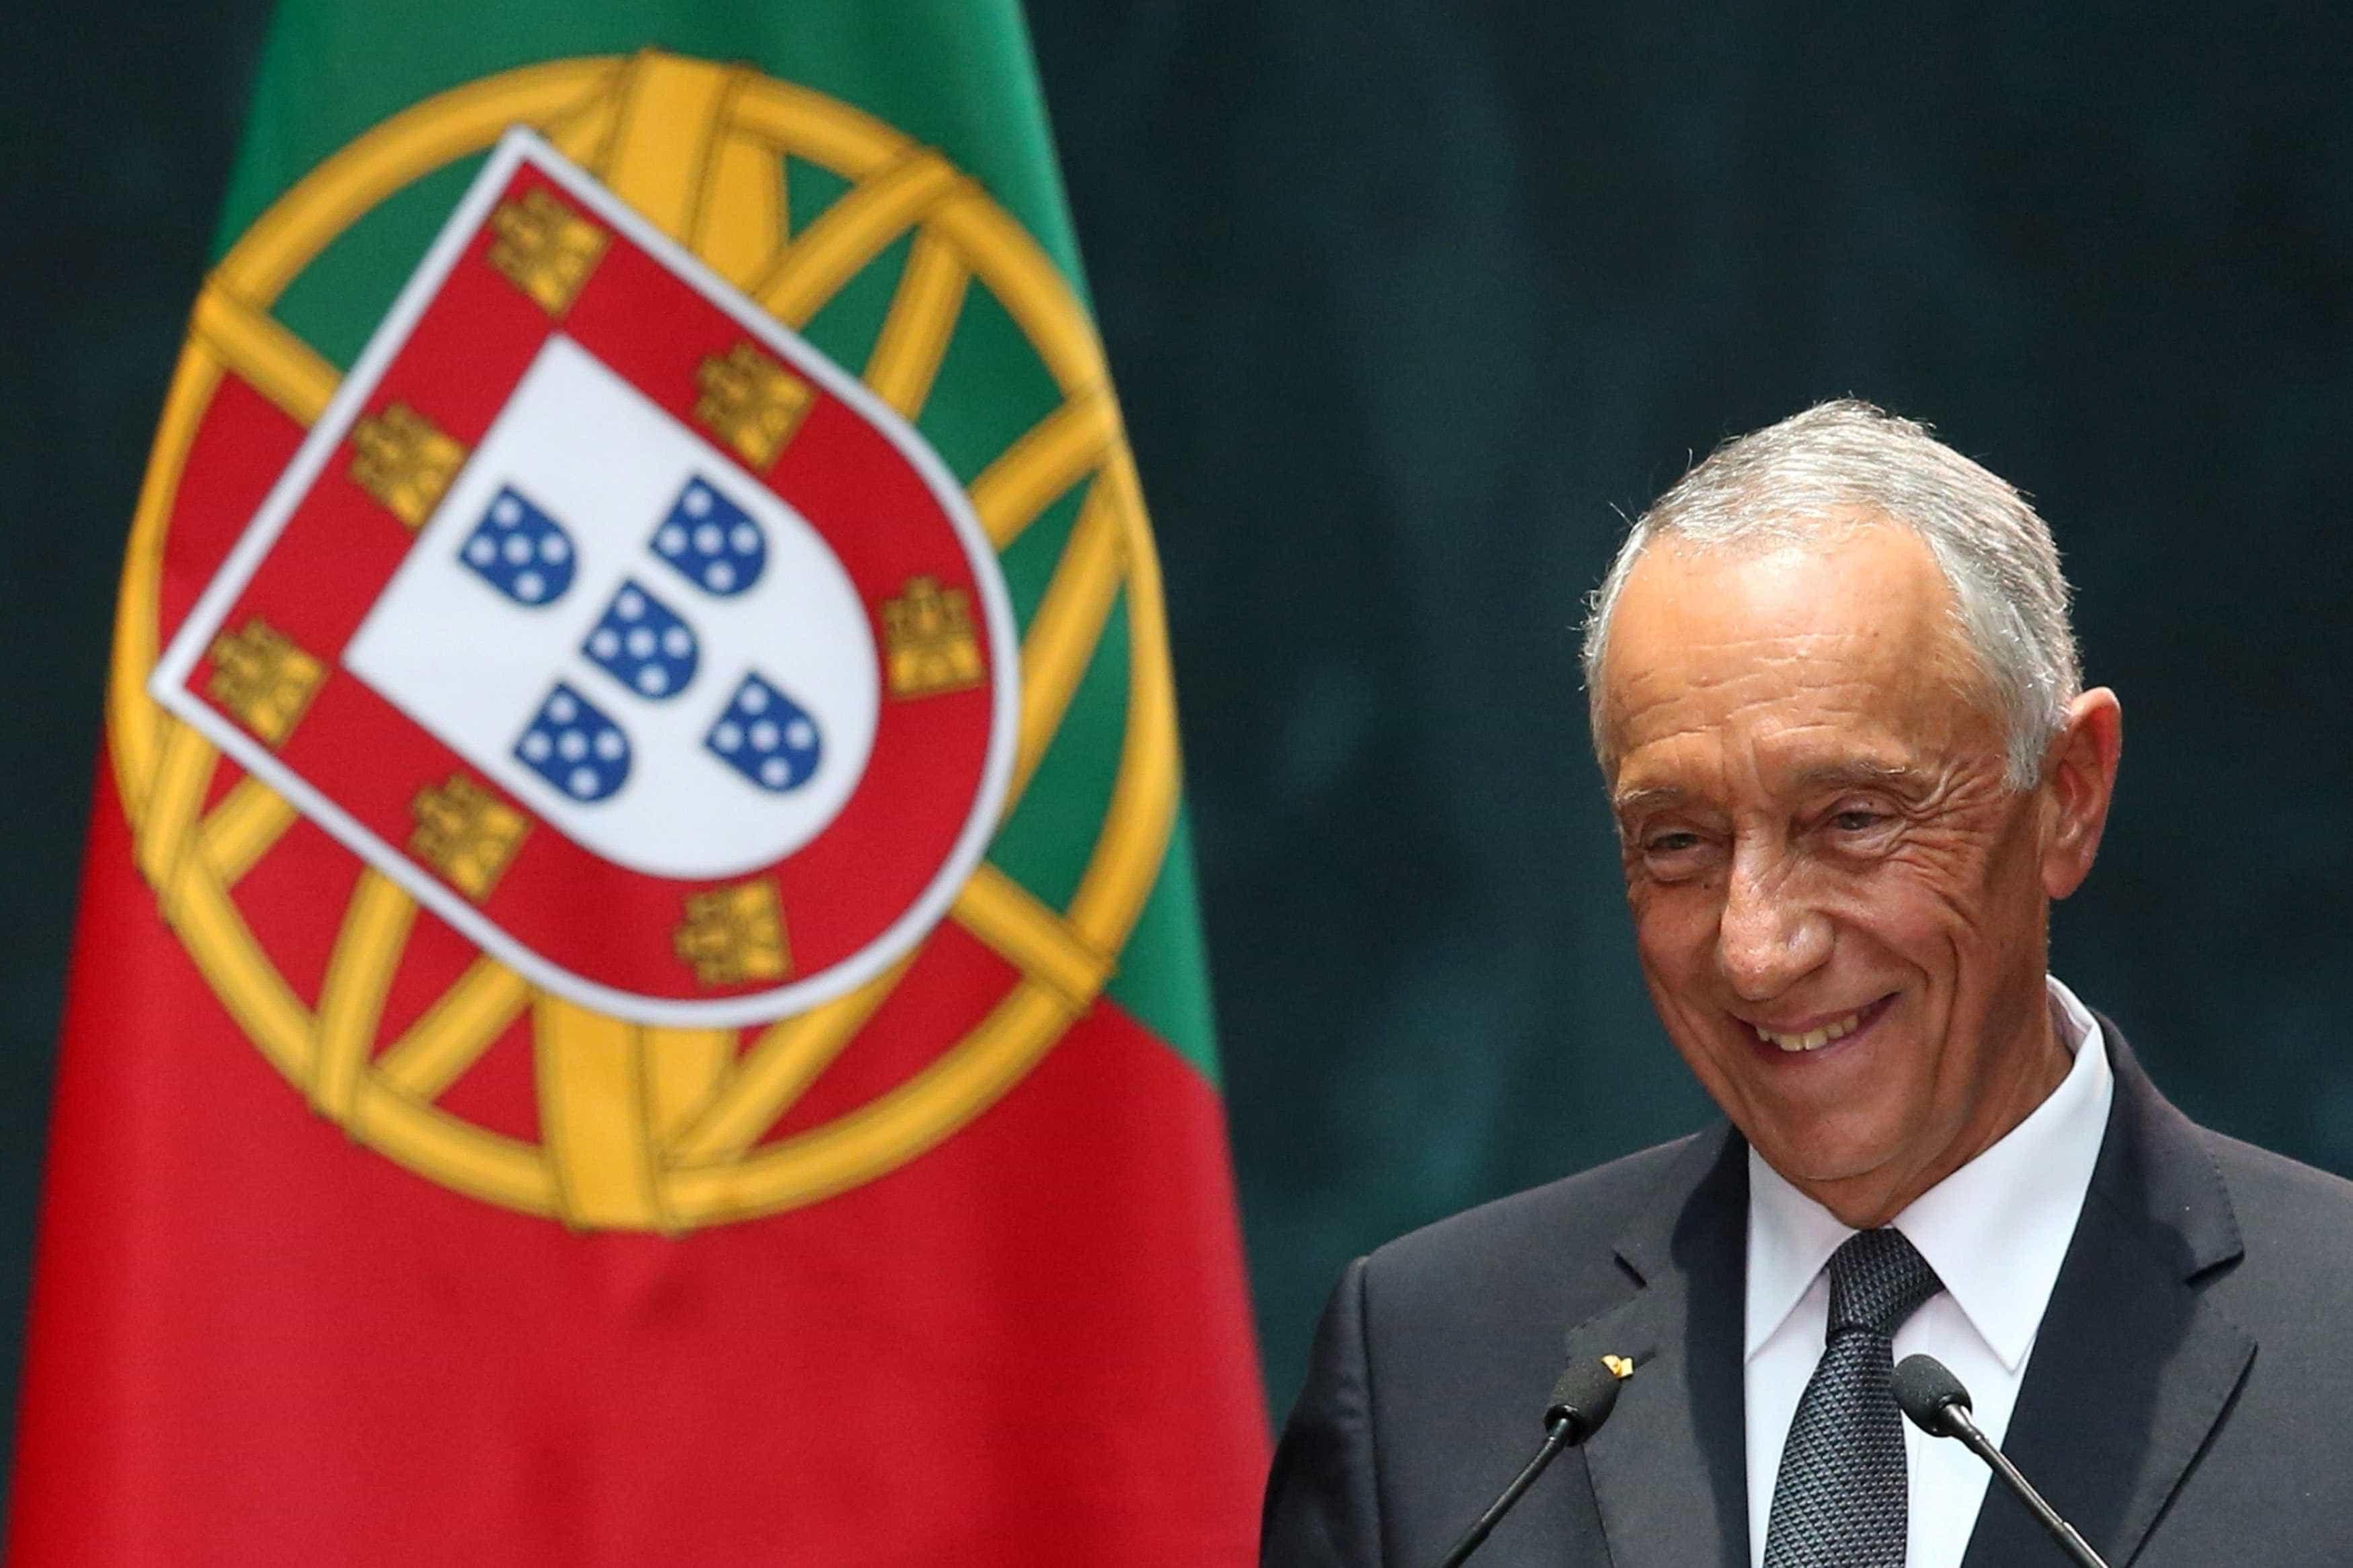 """Sá Carneiro foi """"o contrário de um líder populista"""". Palavra de Marcelo"""